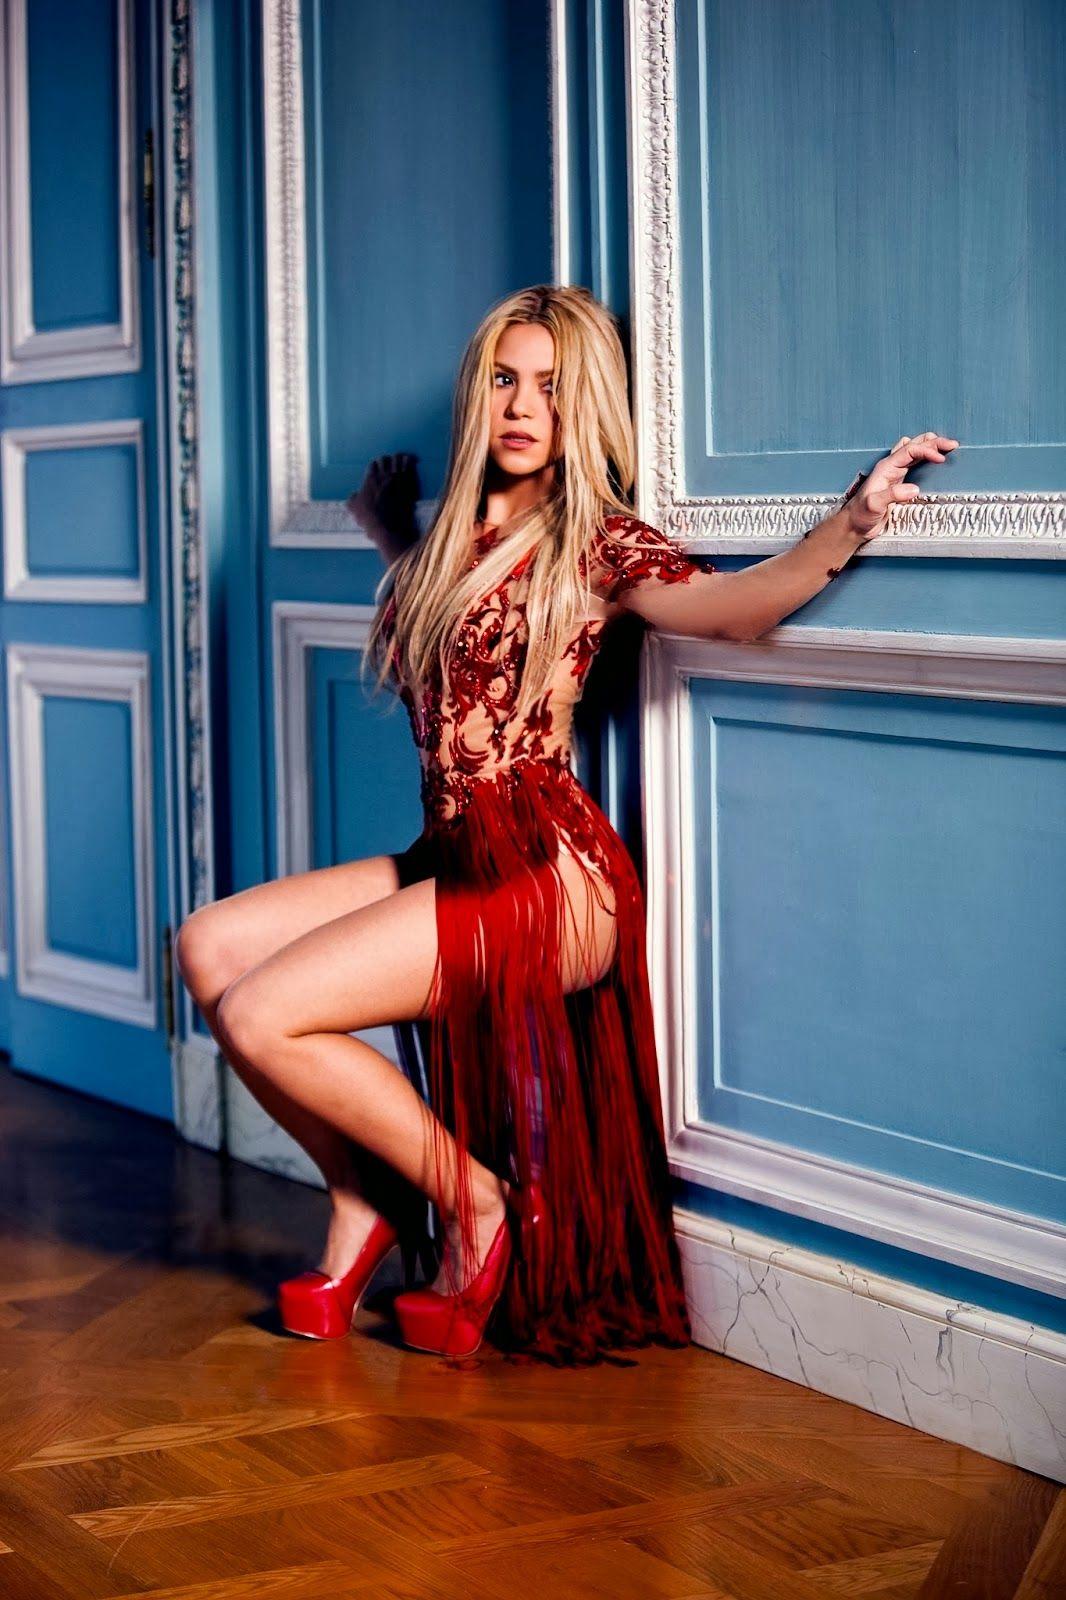 Шакира с пиздой 28 фотография